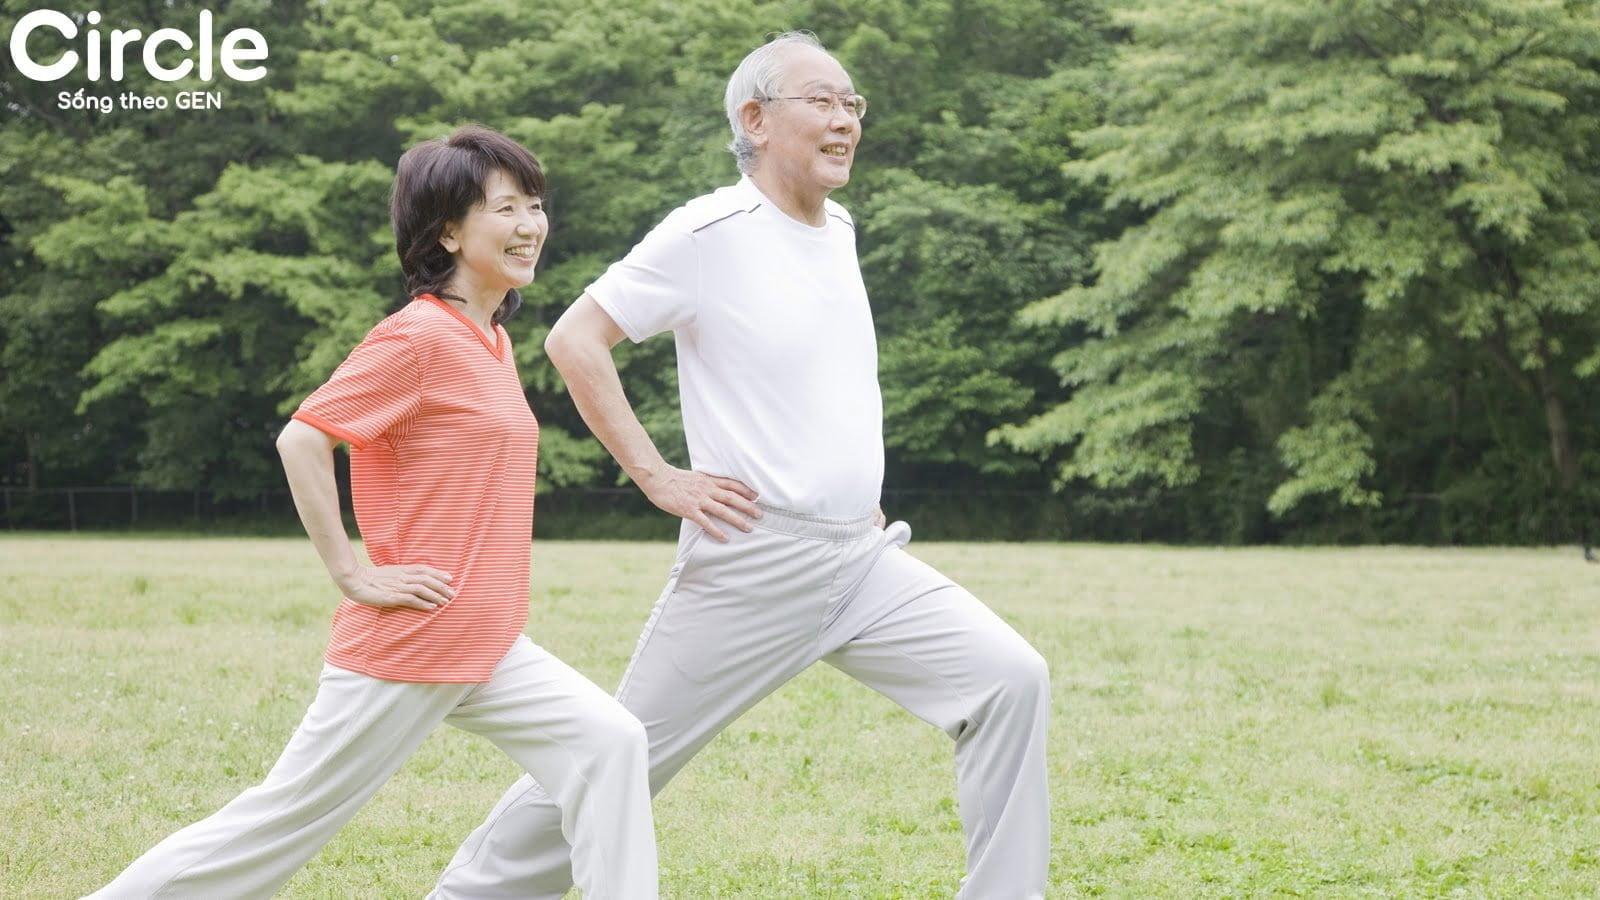 bài tập thể dục dành cho người già